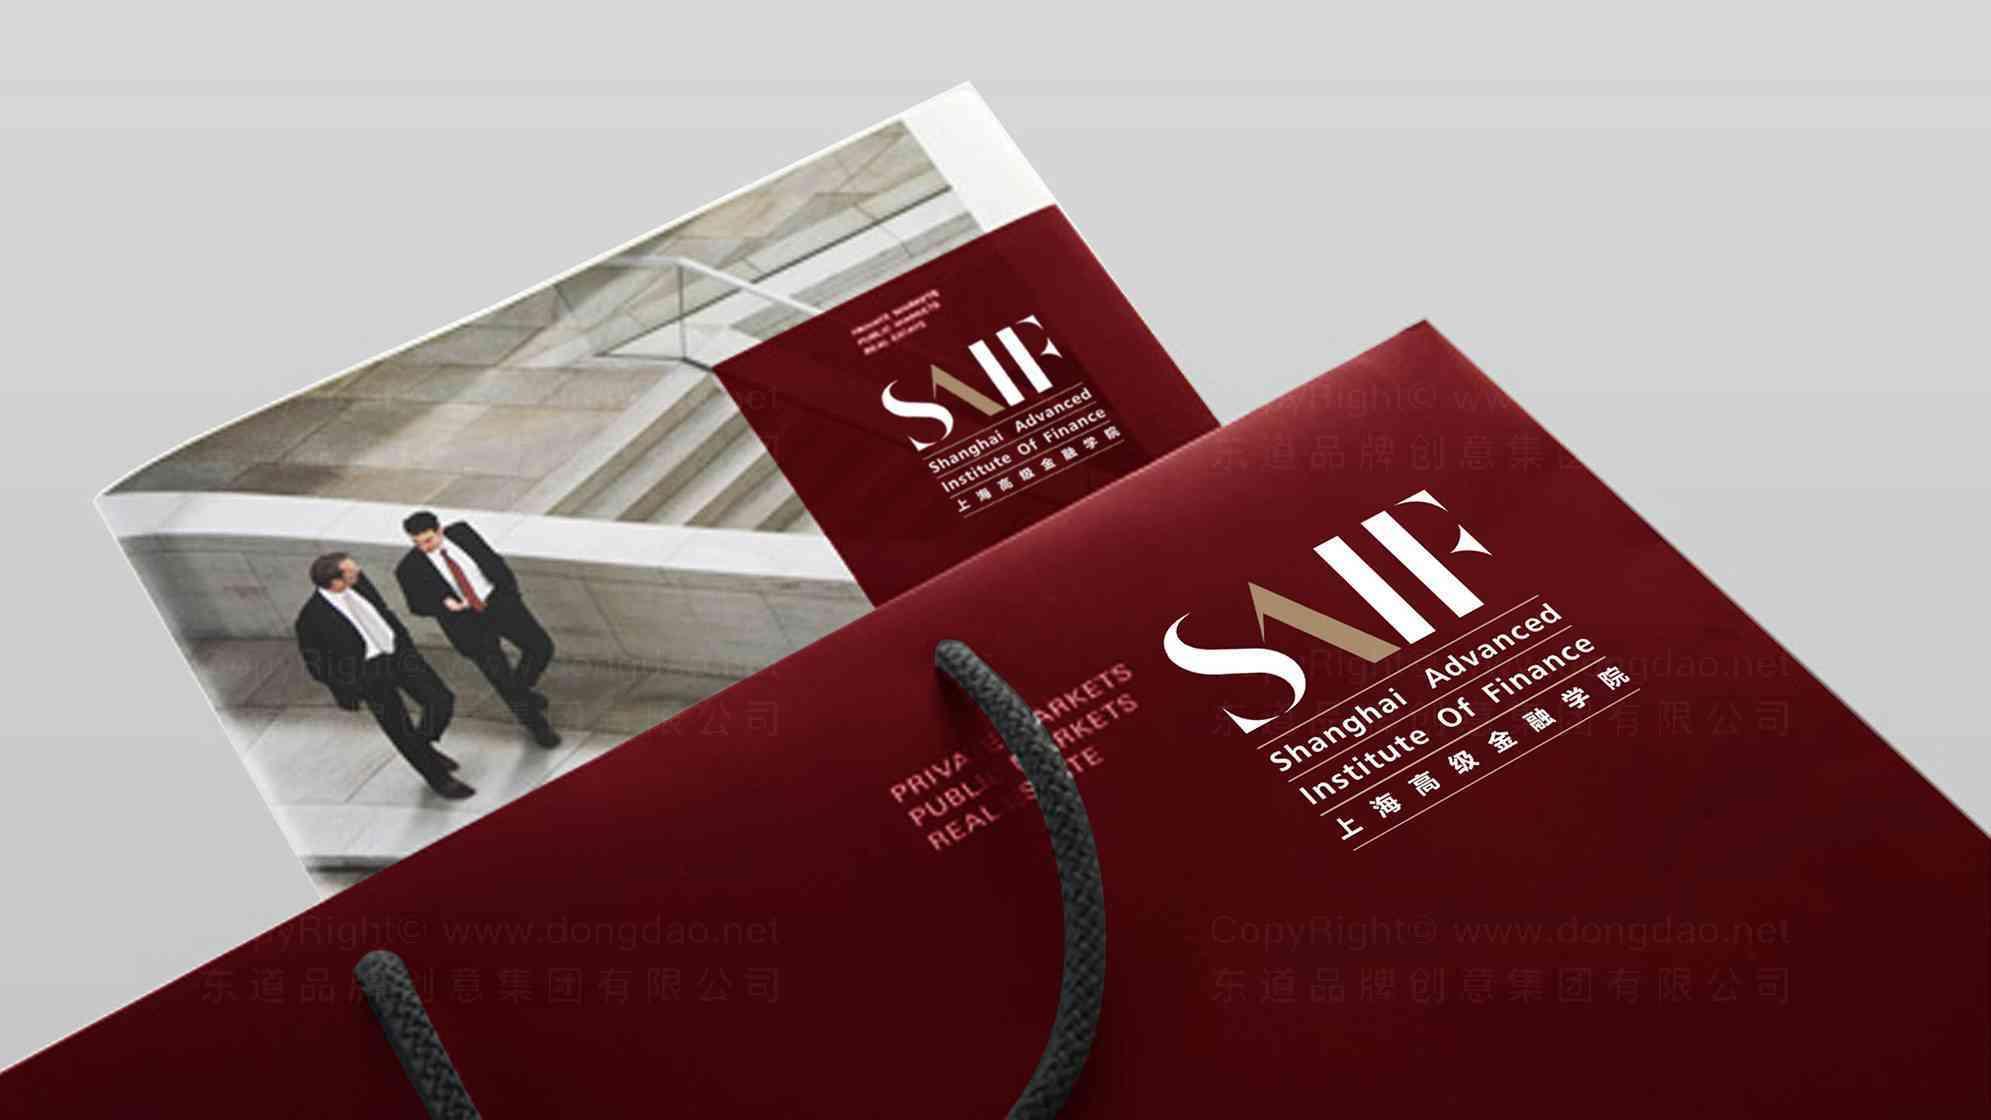 品牌设计案例上海高级金融学院LOGO&VI设计